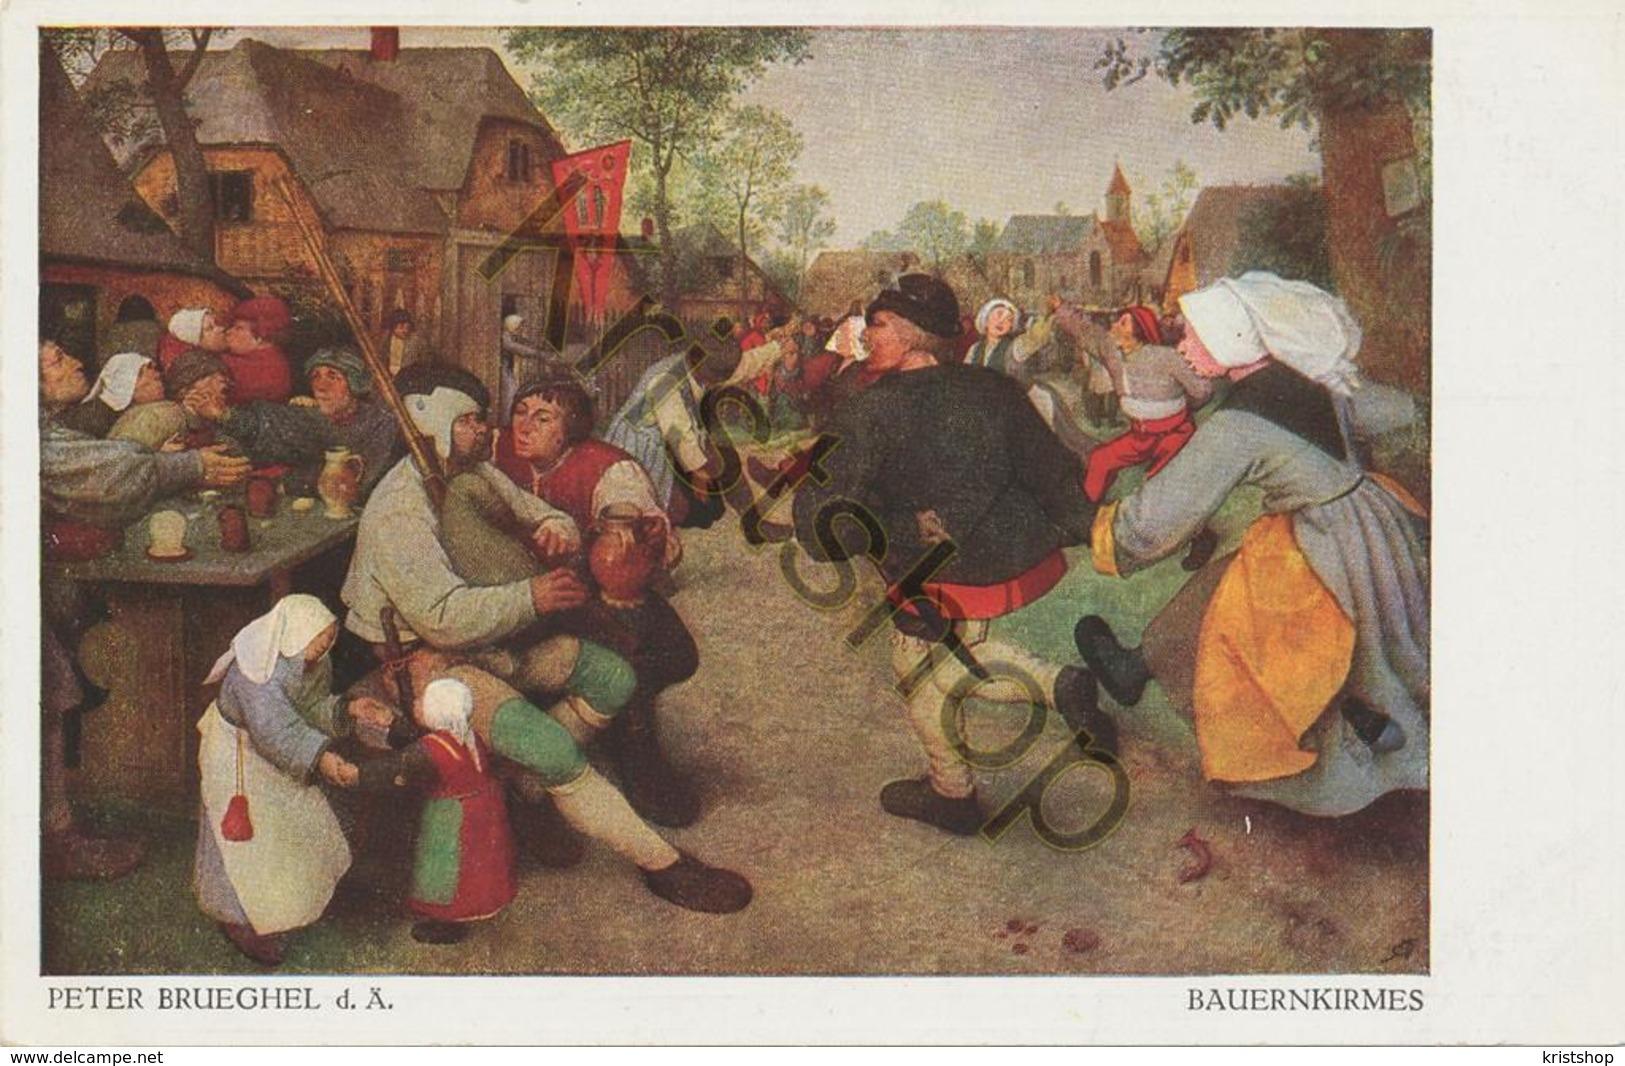 Peter Brueghel - Bauerkirmes - POSTKARTE  [2A-5.025 - Paintings